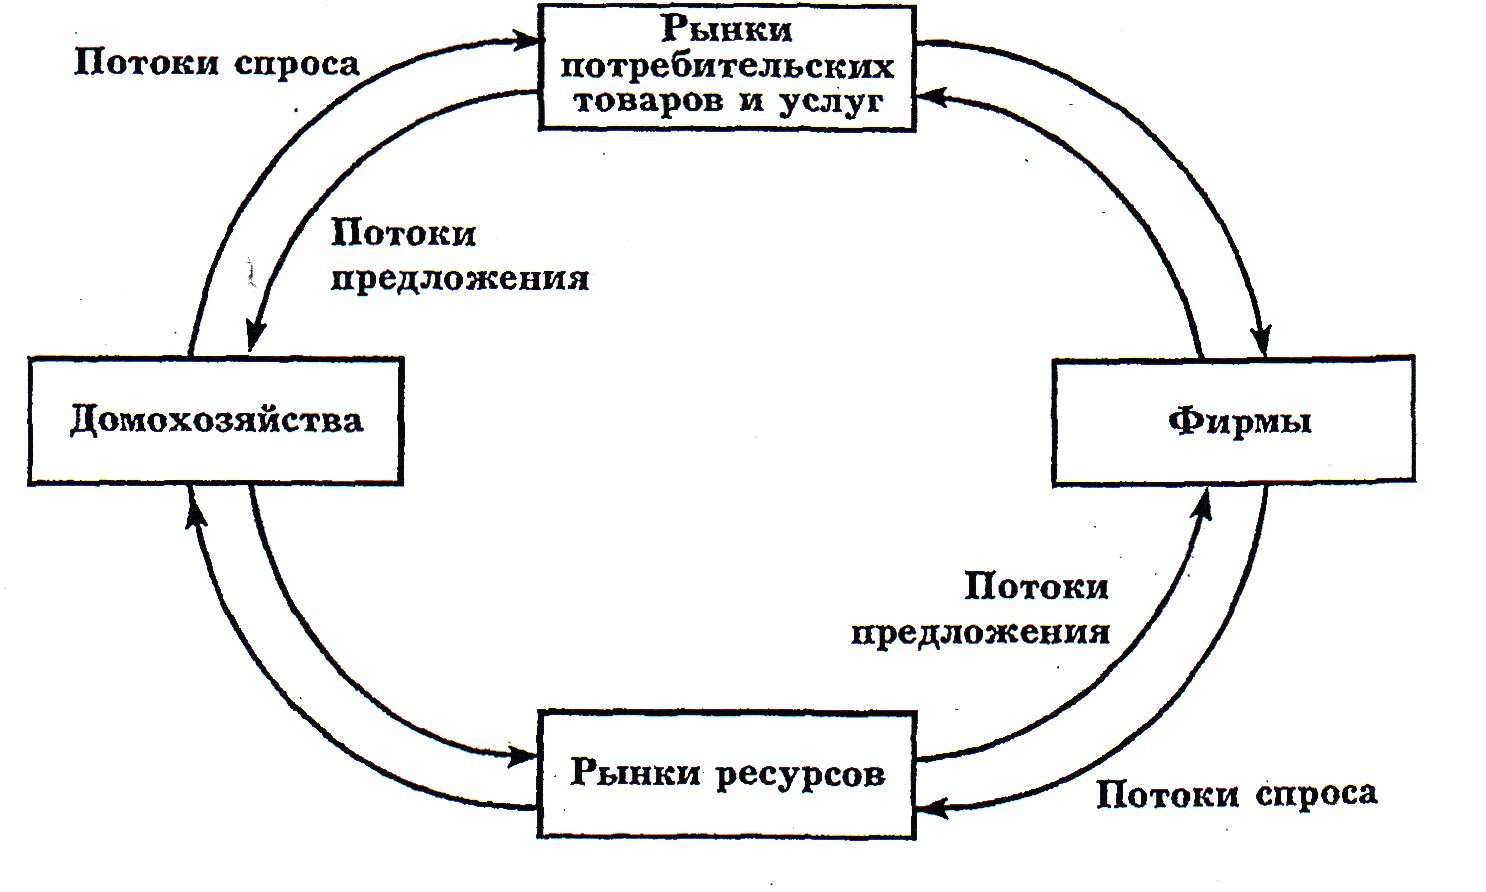 Схема финансовых потоков в экономике